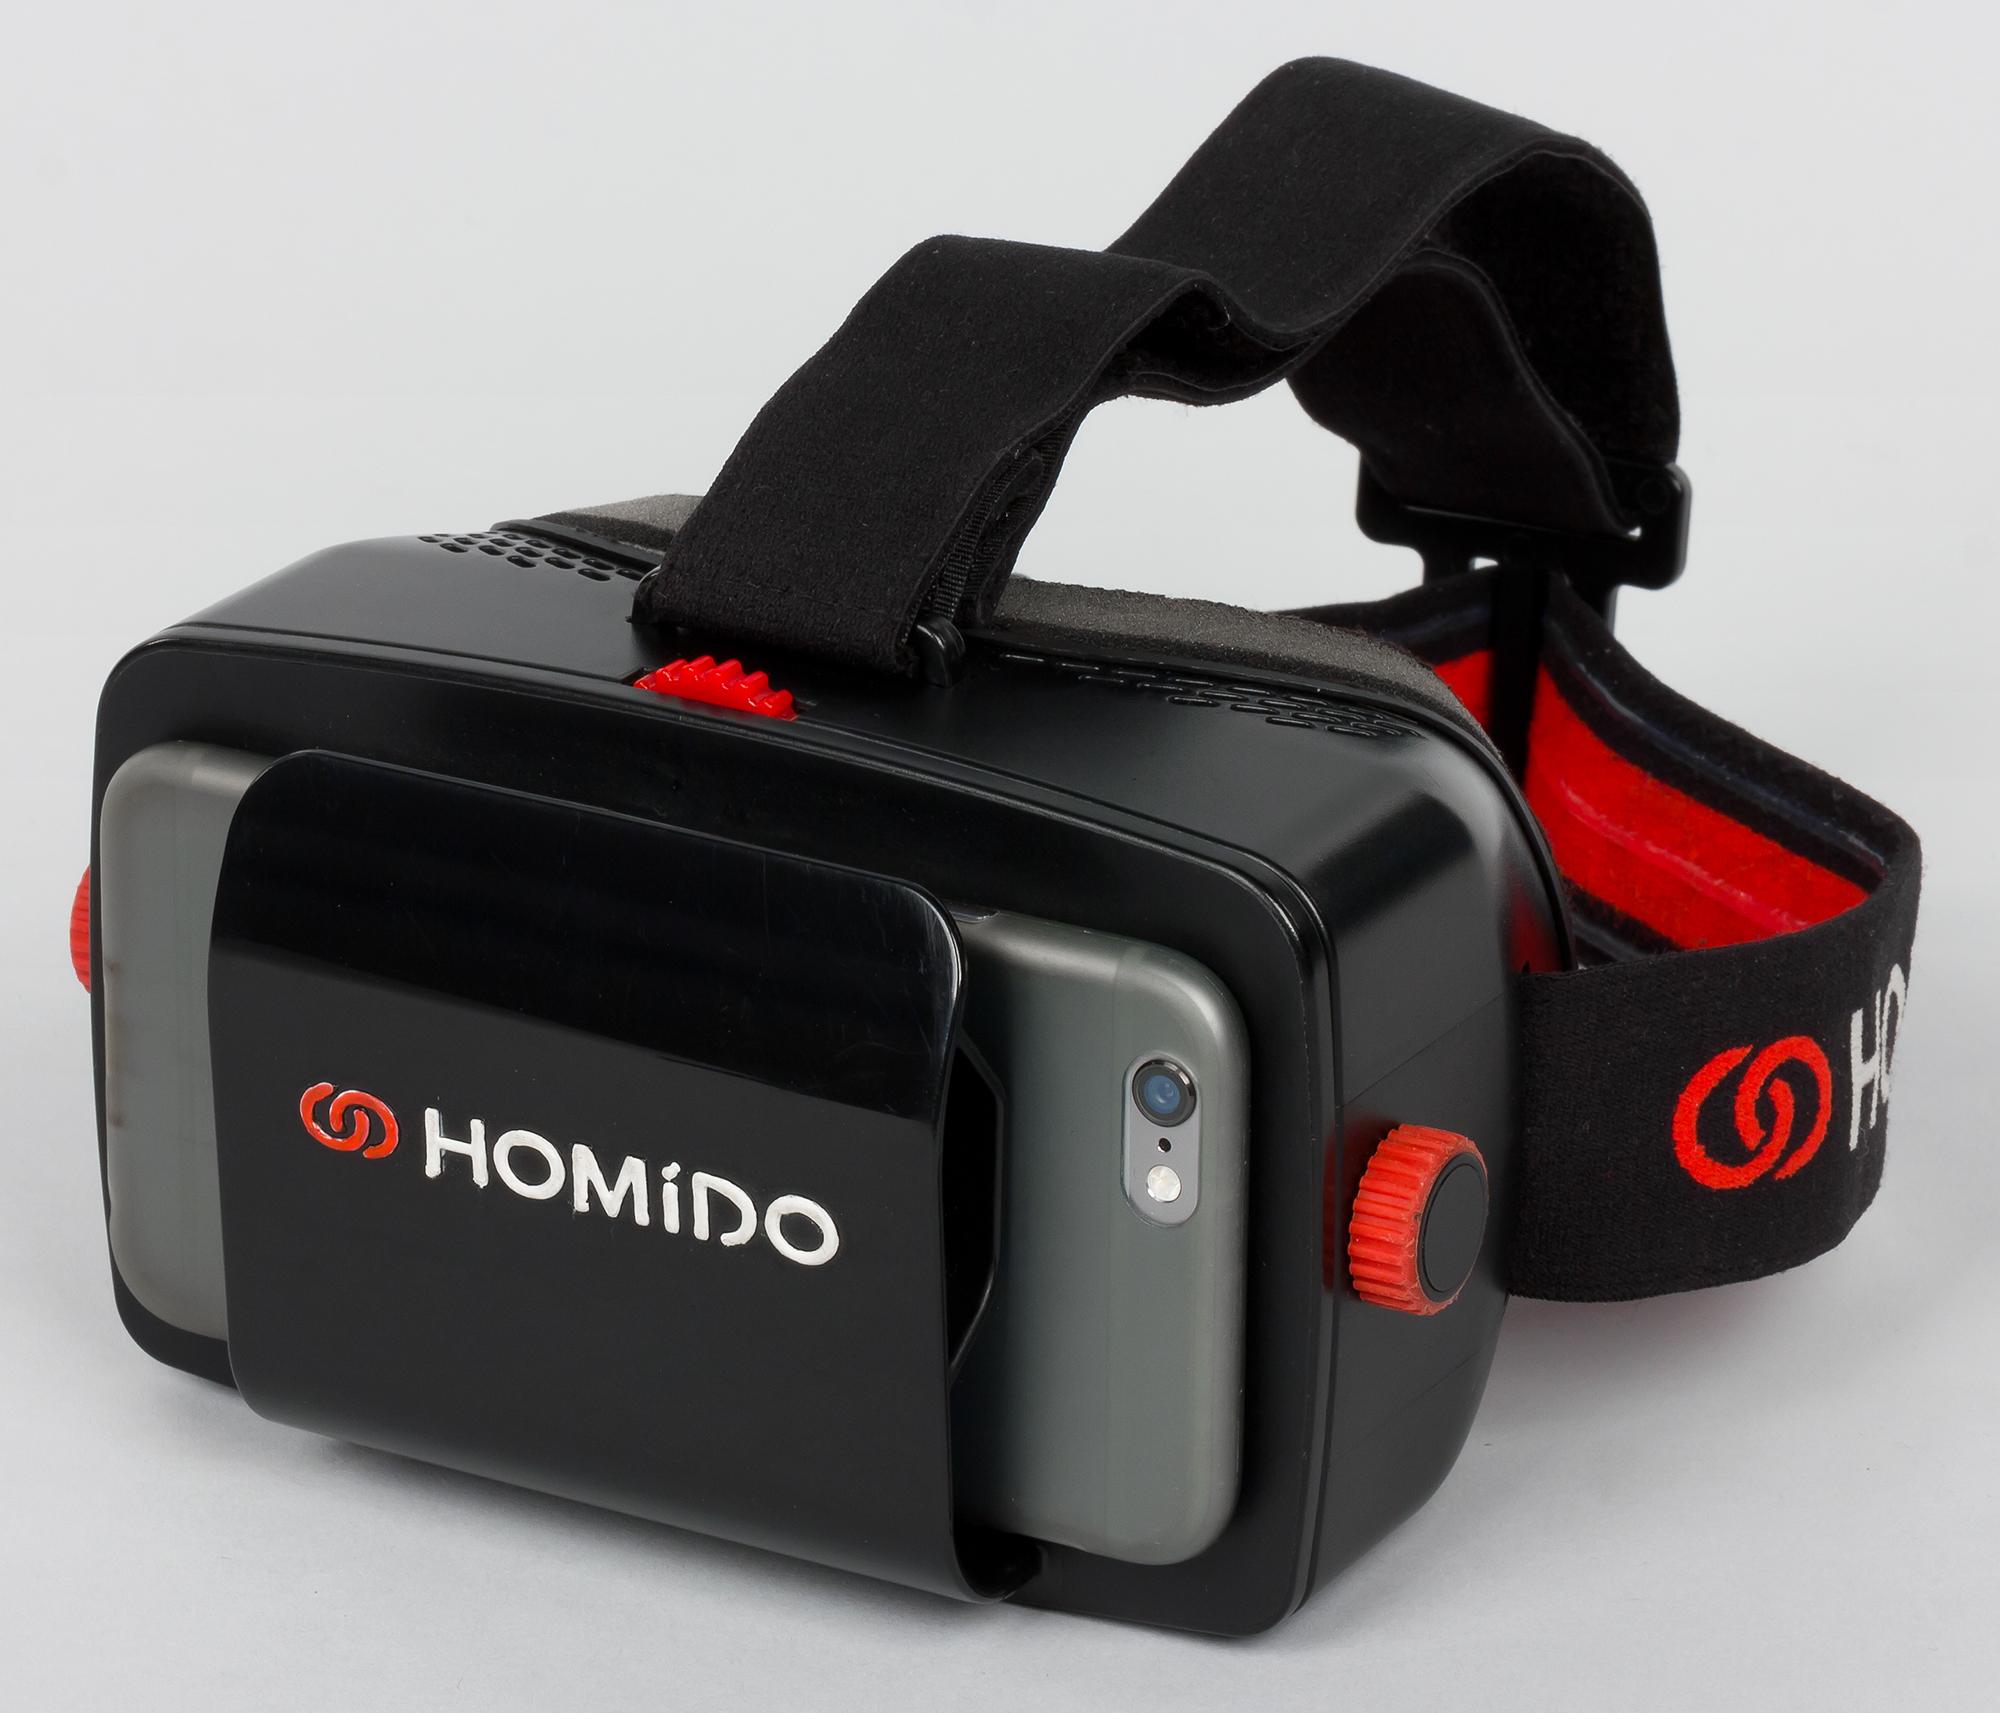 Homido очки виртуальной реальности для смартфона кронштейн смартфона iphone (айфон) phantom наложенным платежом